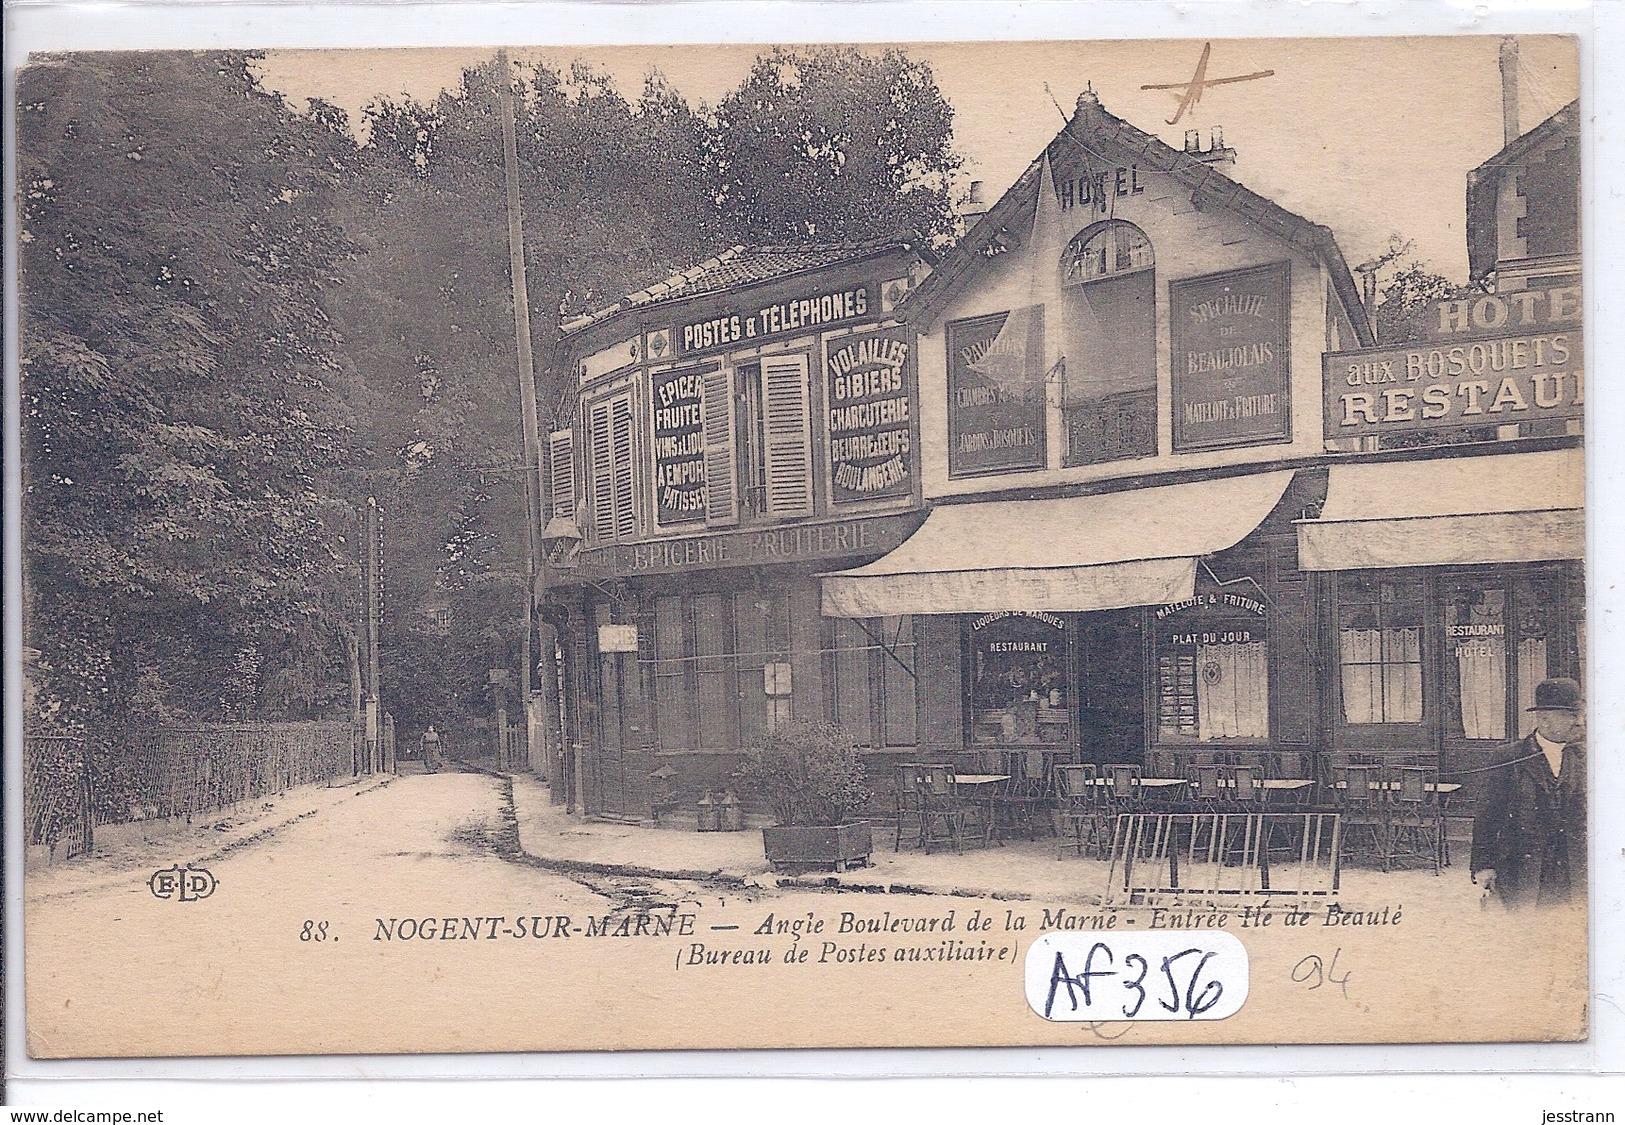 NOGENT-SUR-MARNE- LE BUREAU DE POSTES AUXILIAIRE ET L HOTEL RESTAURANT AUX BOSQUETS - Nogent Sur Marne